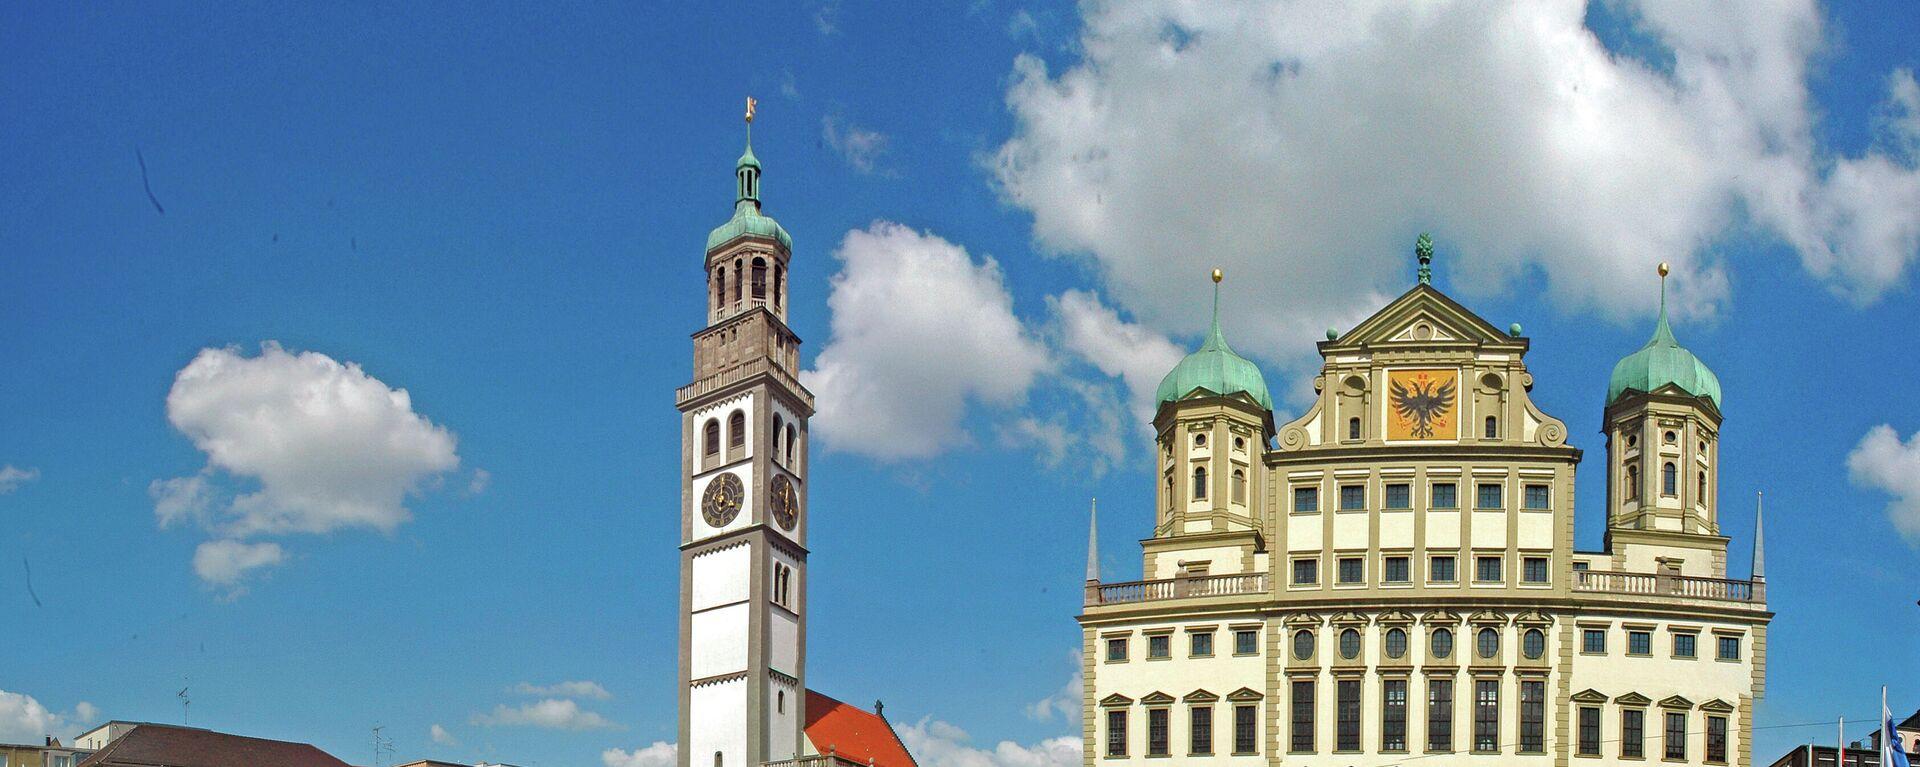 Rathaus und Perlachturm mit St. Peter auf dem Rathausplatz in Augsburg - SNA, 1920, 09.06.2021